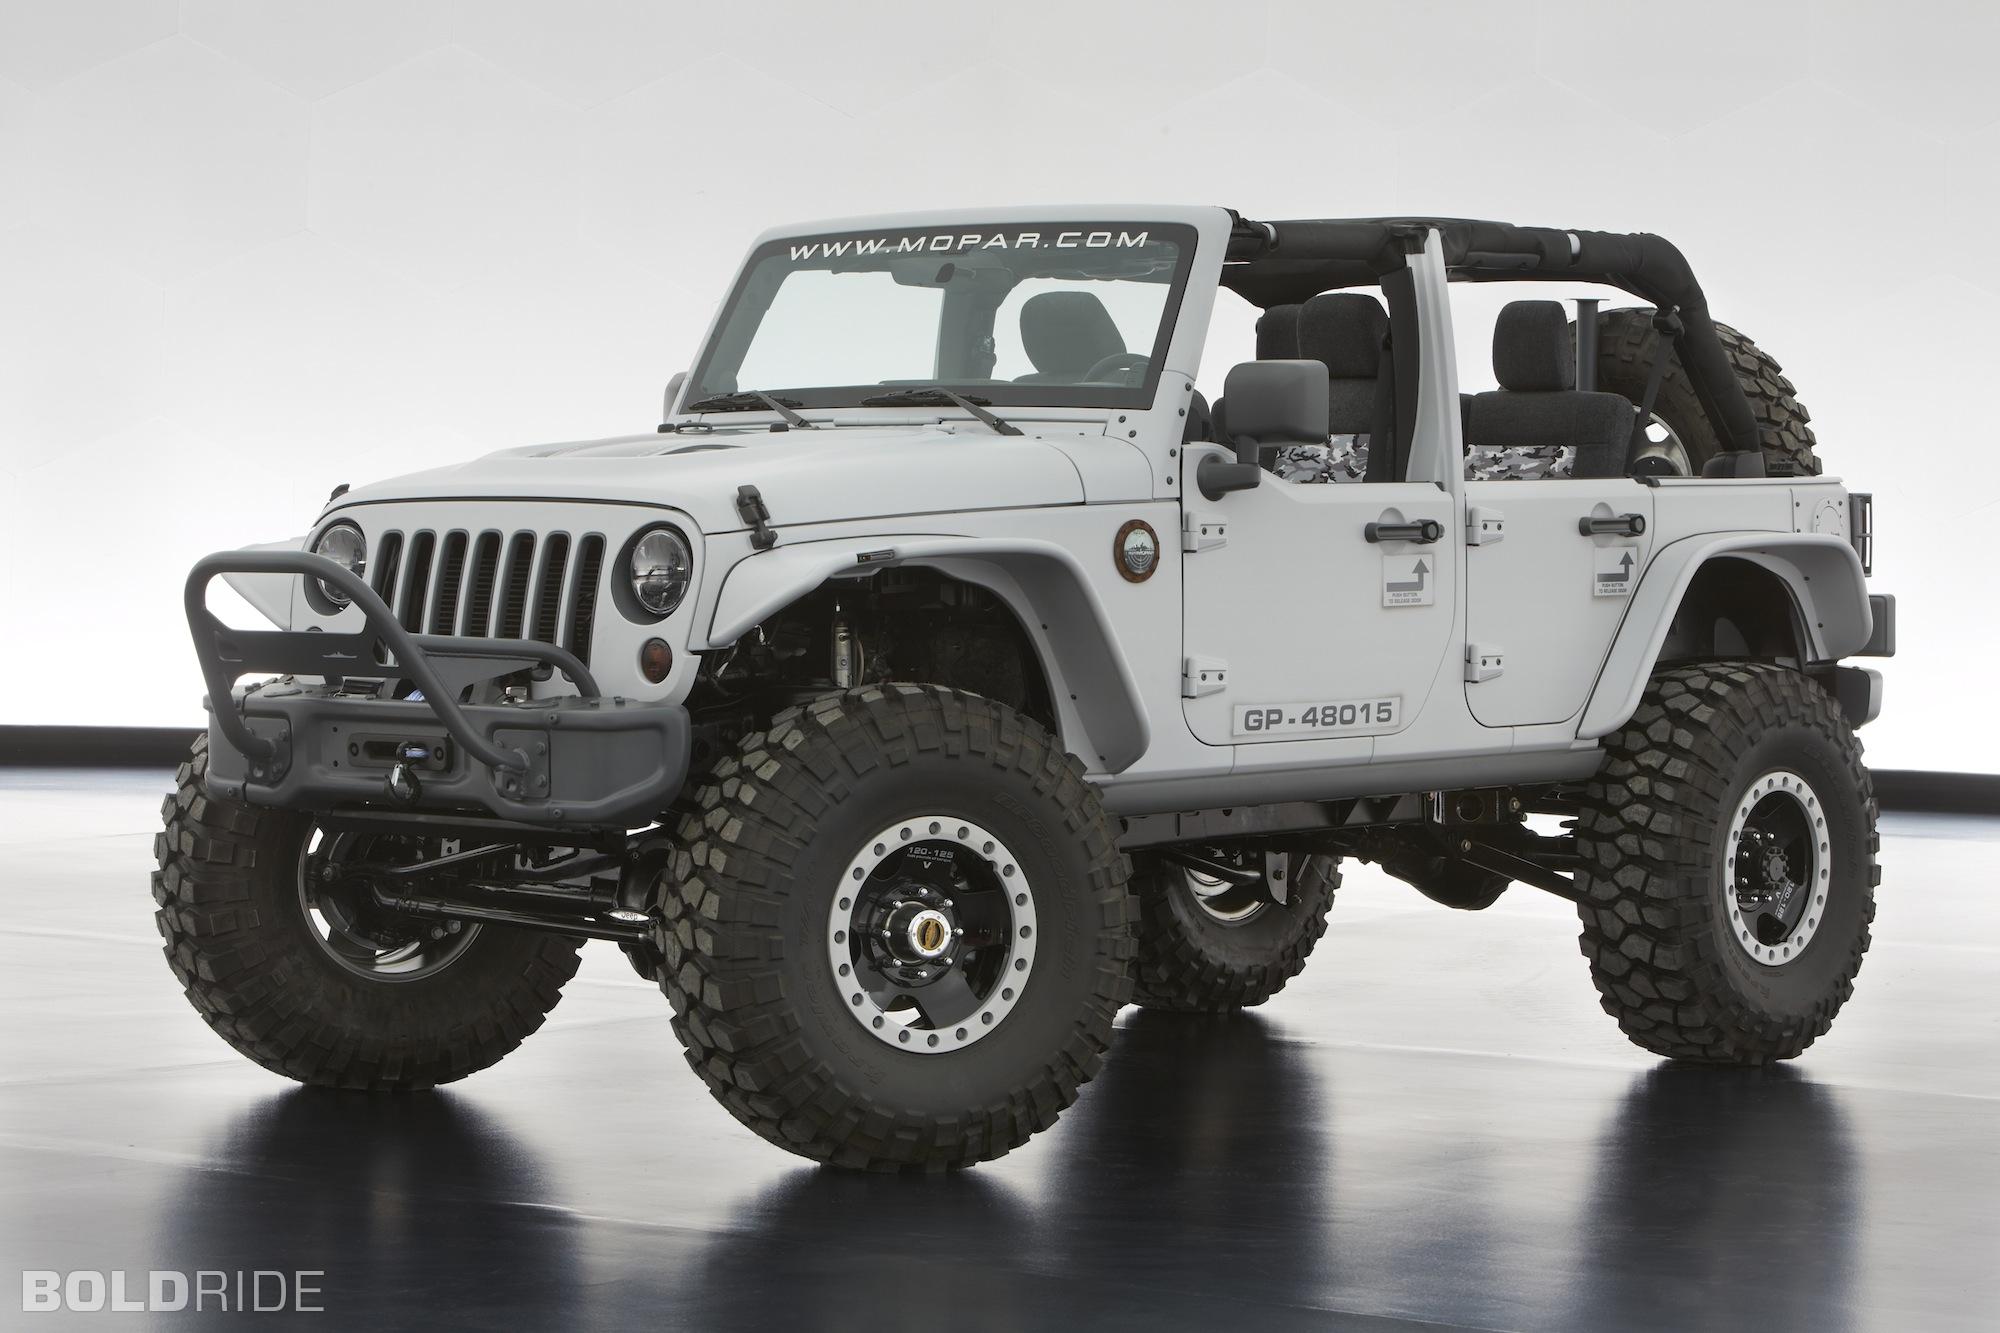 2013 Jeep Wrangler Mopar Recon 1024 x 770